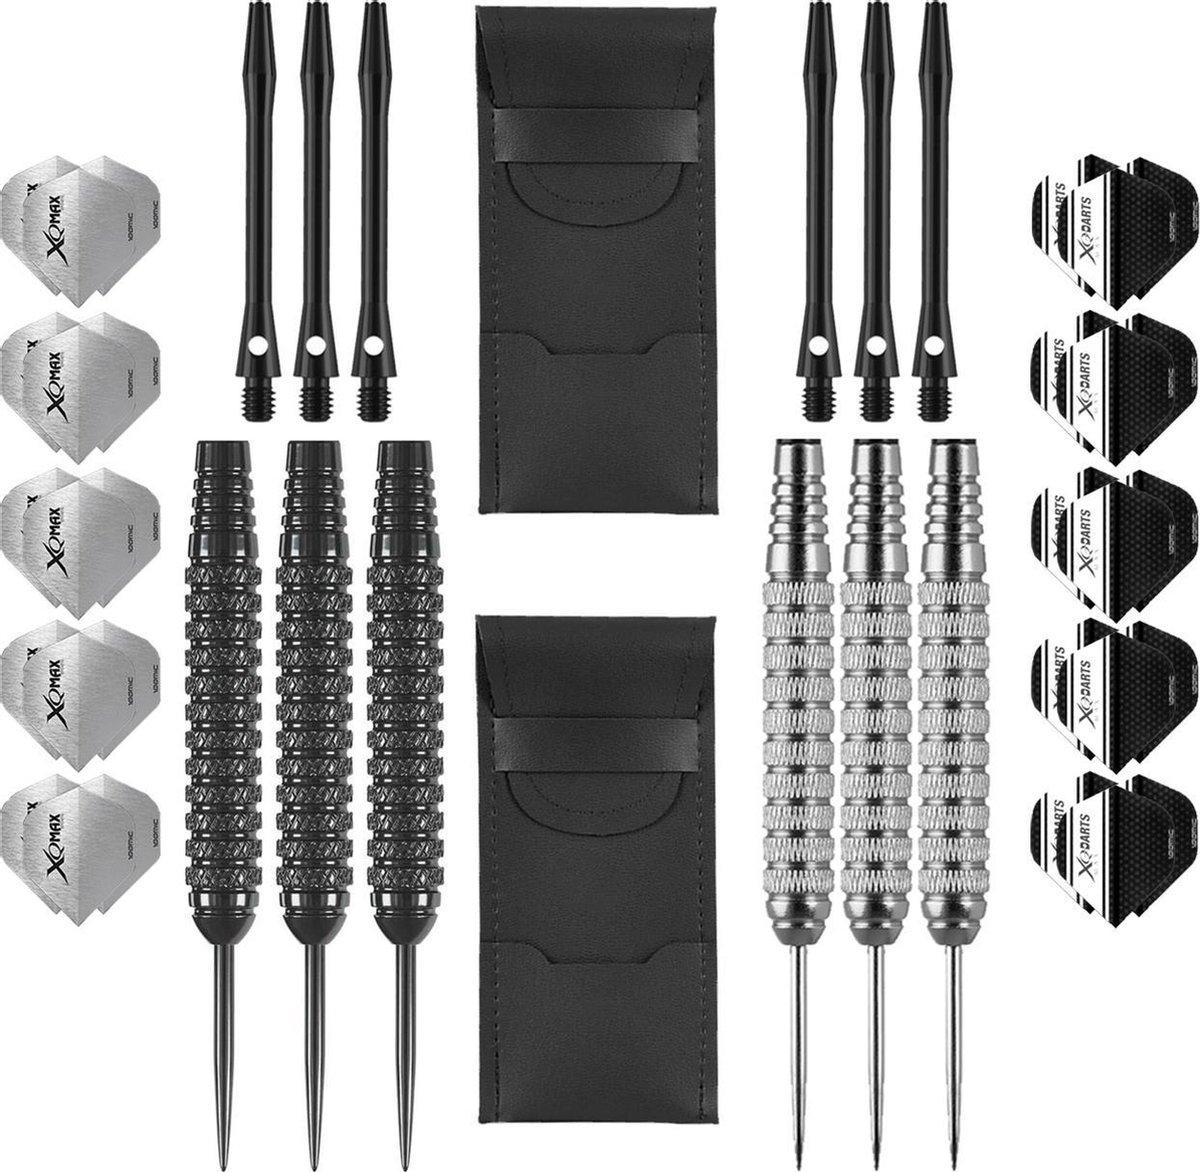 Dragon Darts Ultra Ray dartset 2 sets - dartpijlen - dart shafts - 30 - dart flights - dartpijlen 24 gram - 100% brass